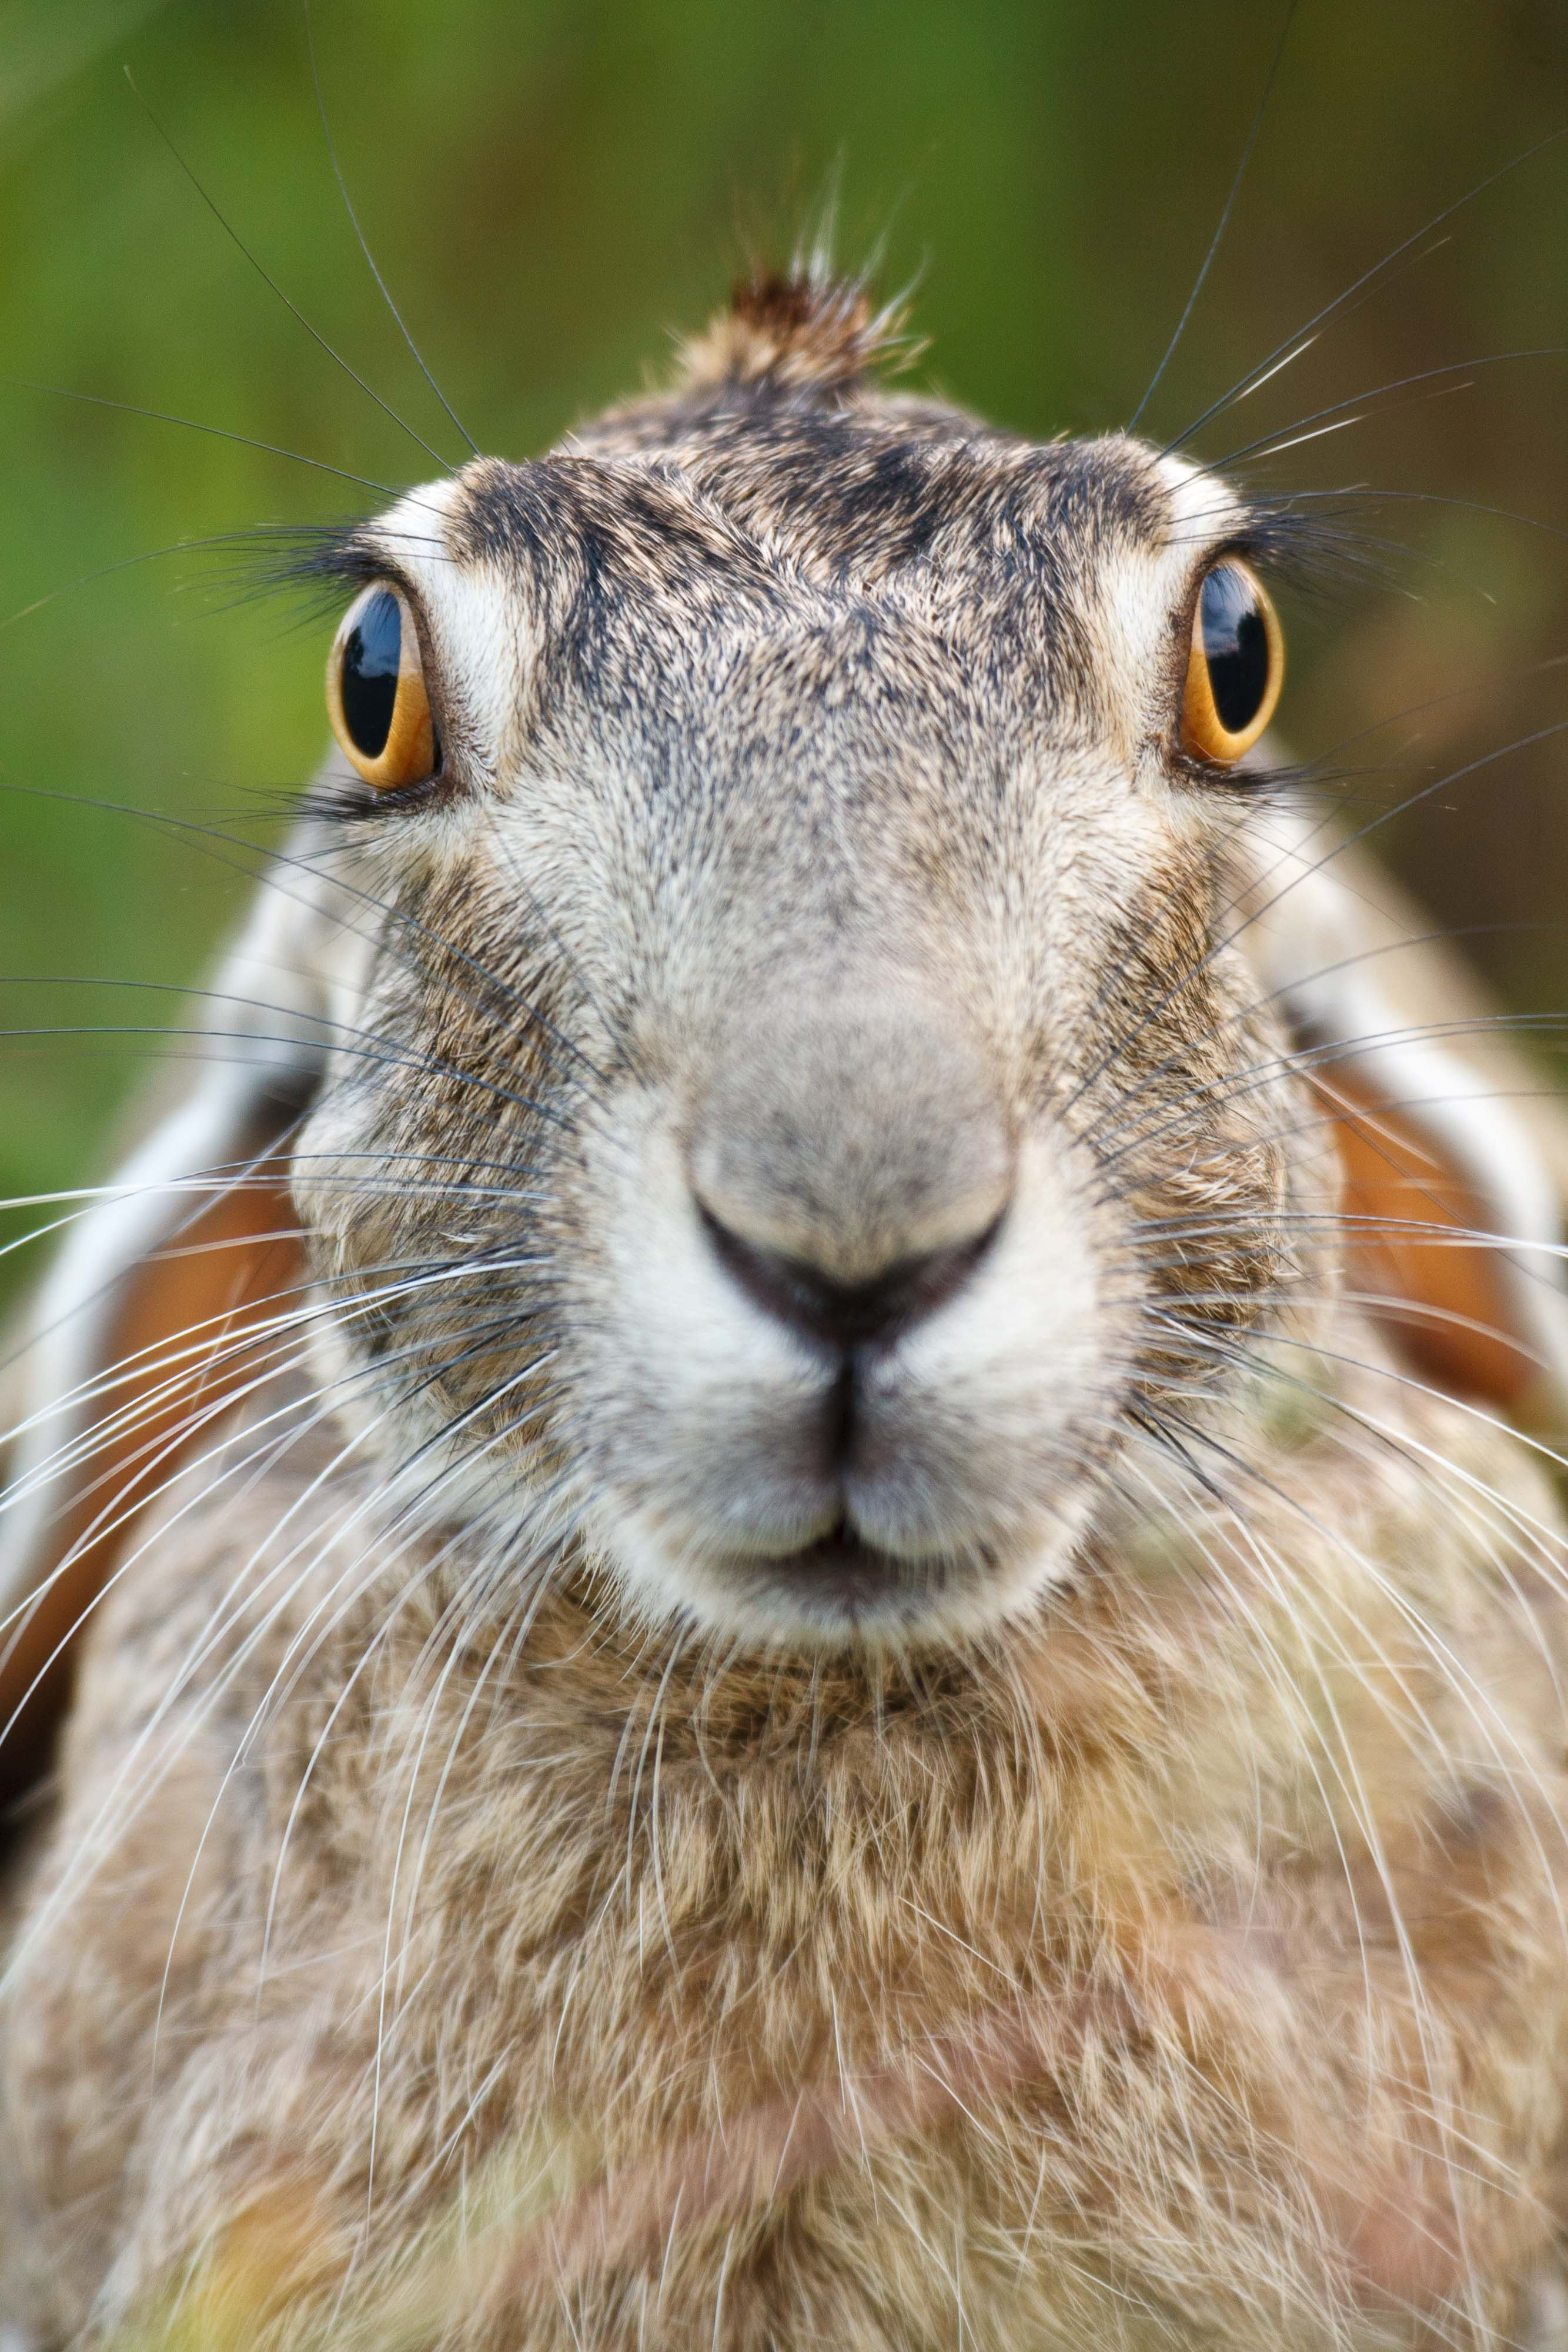 Тему, картинка зайца смешного